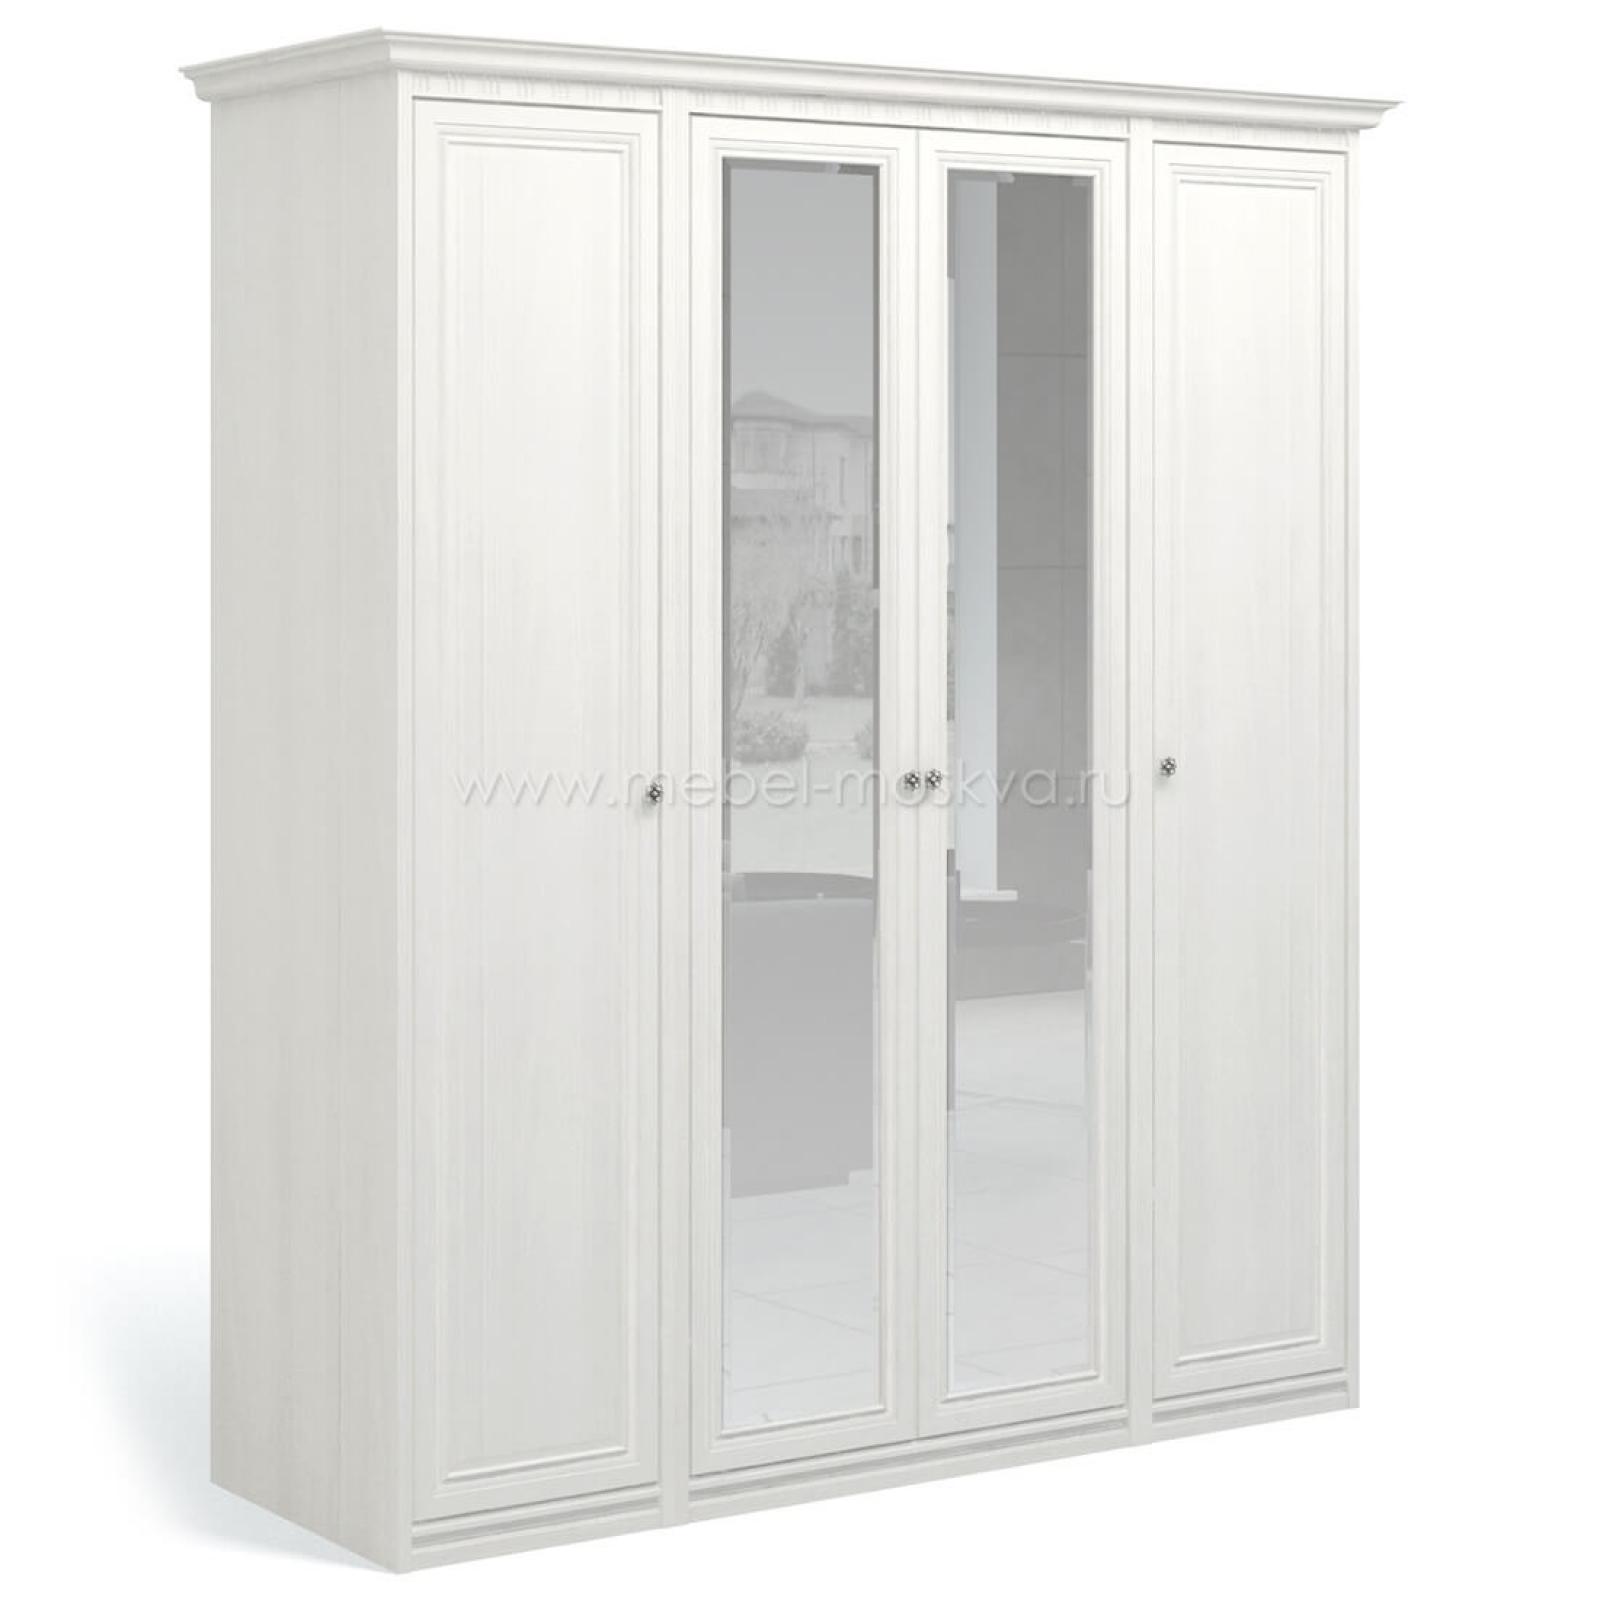 """""""Рапсодия ИДА"""" И355.16 Шкаф для одежды и белья 4-х дв. 2 зеркала - 3"""